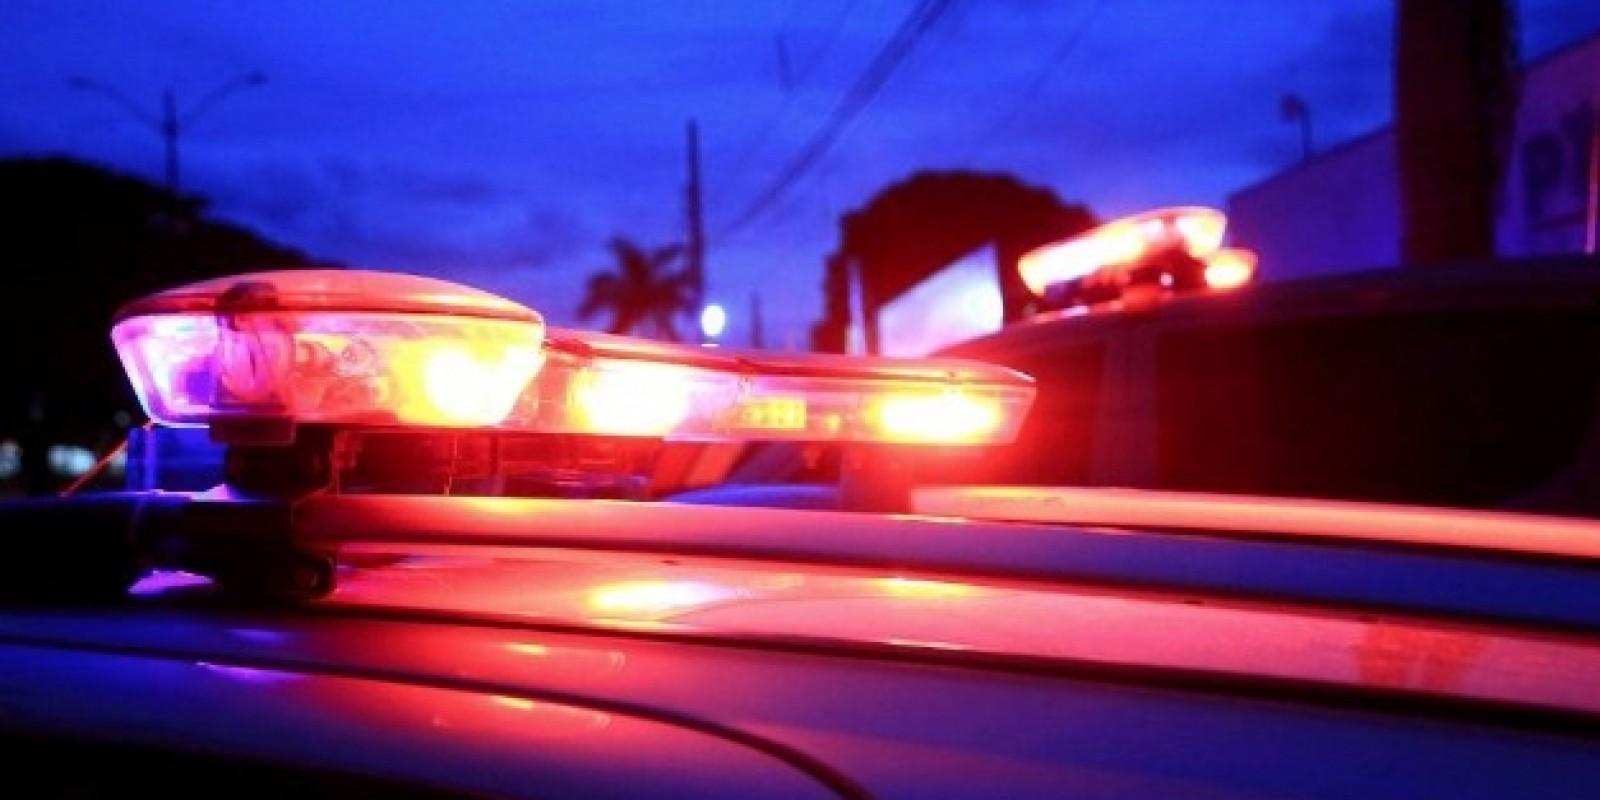 Ladrão rouba carro de idosa em Gravatal